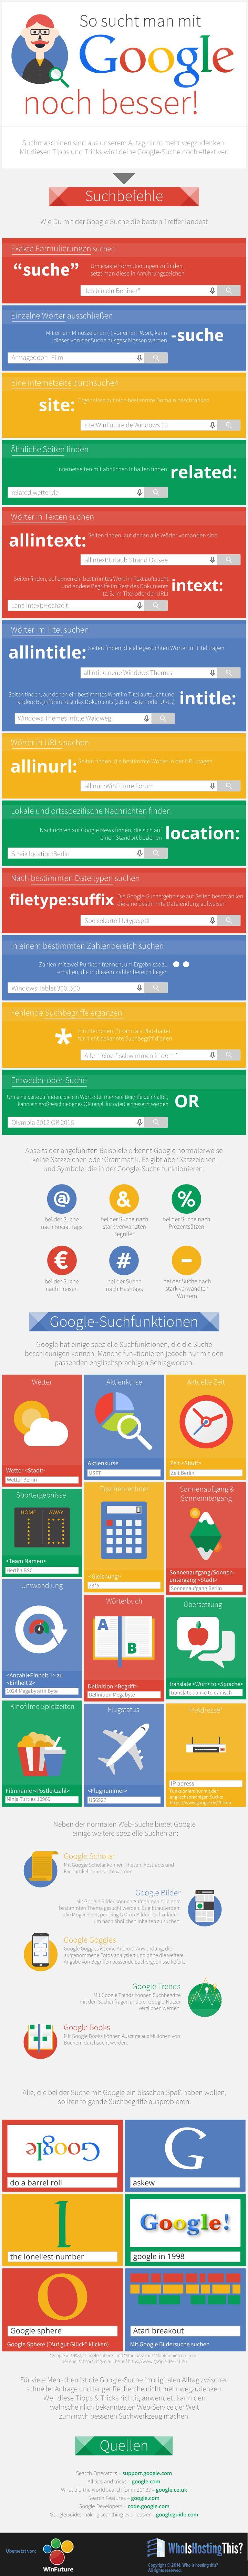 #Infografik für Google Suchbefehle #googledork